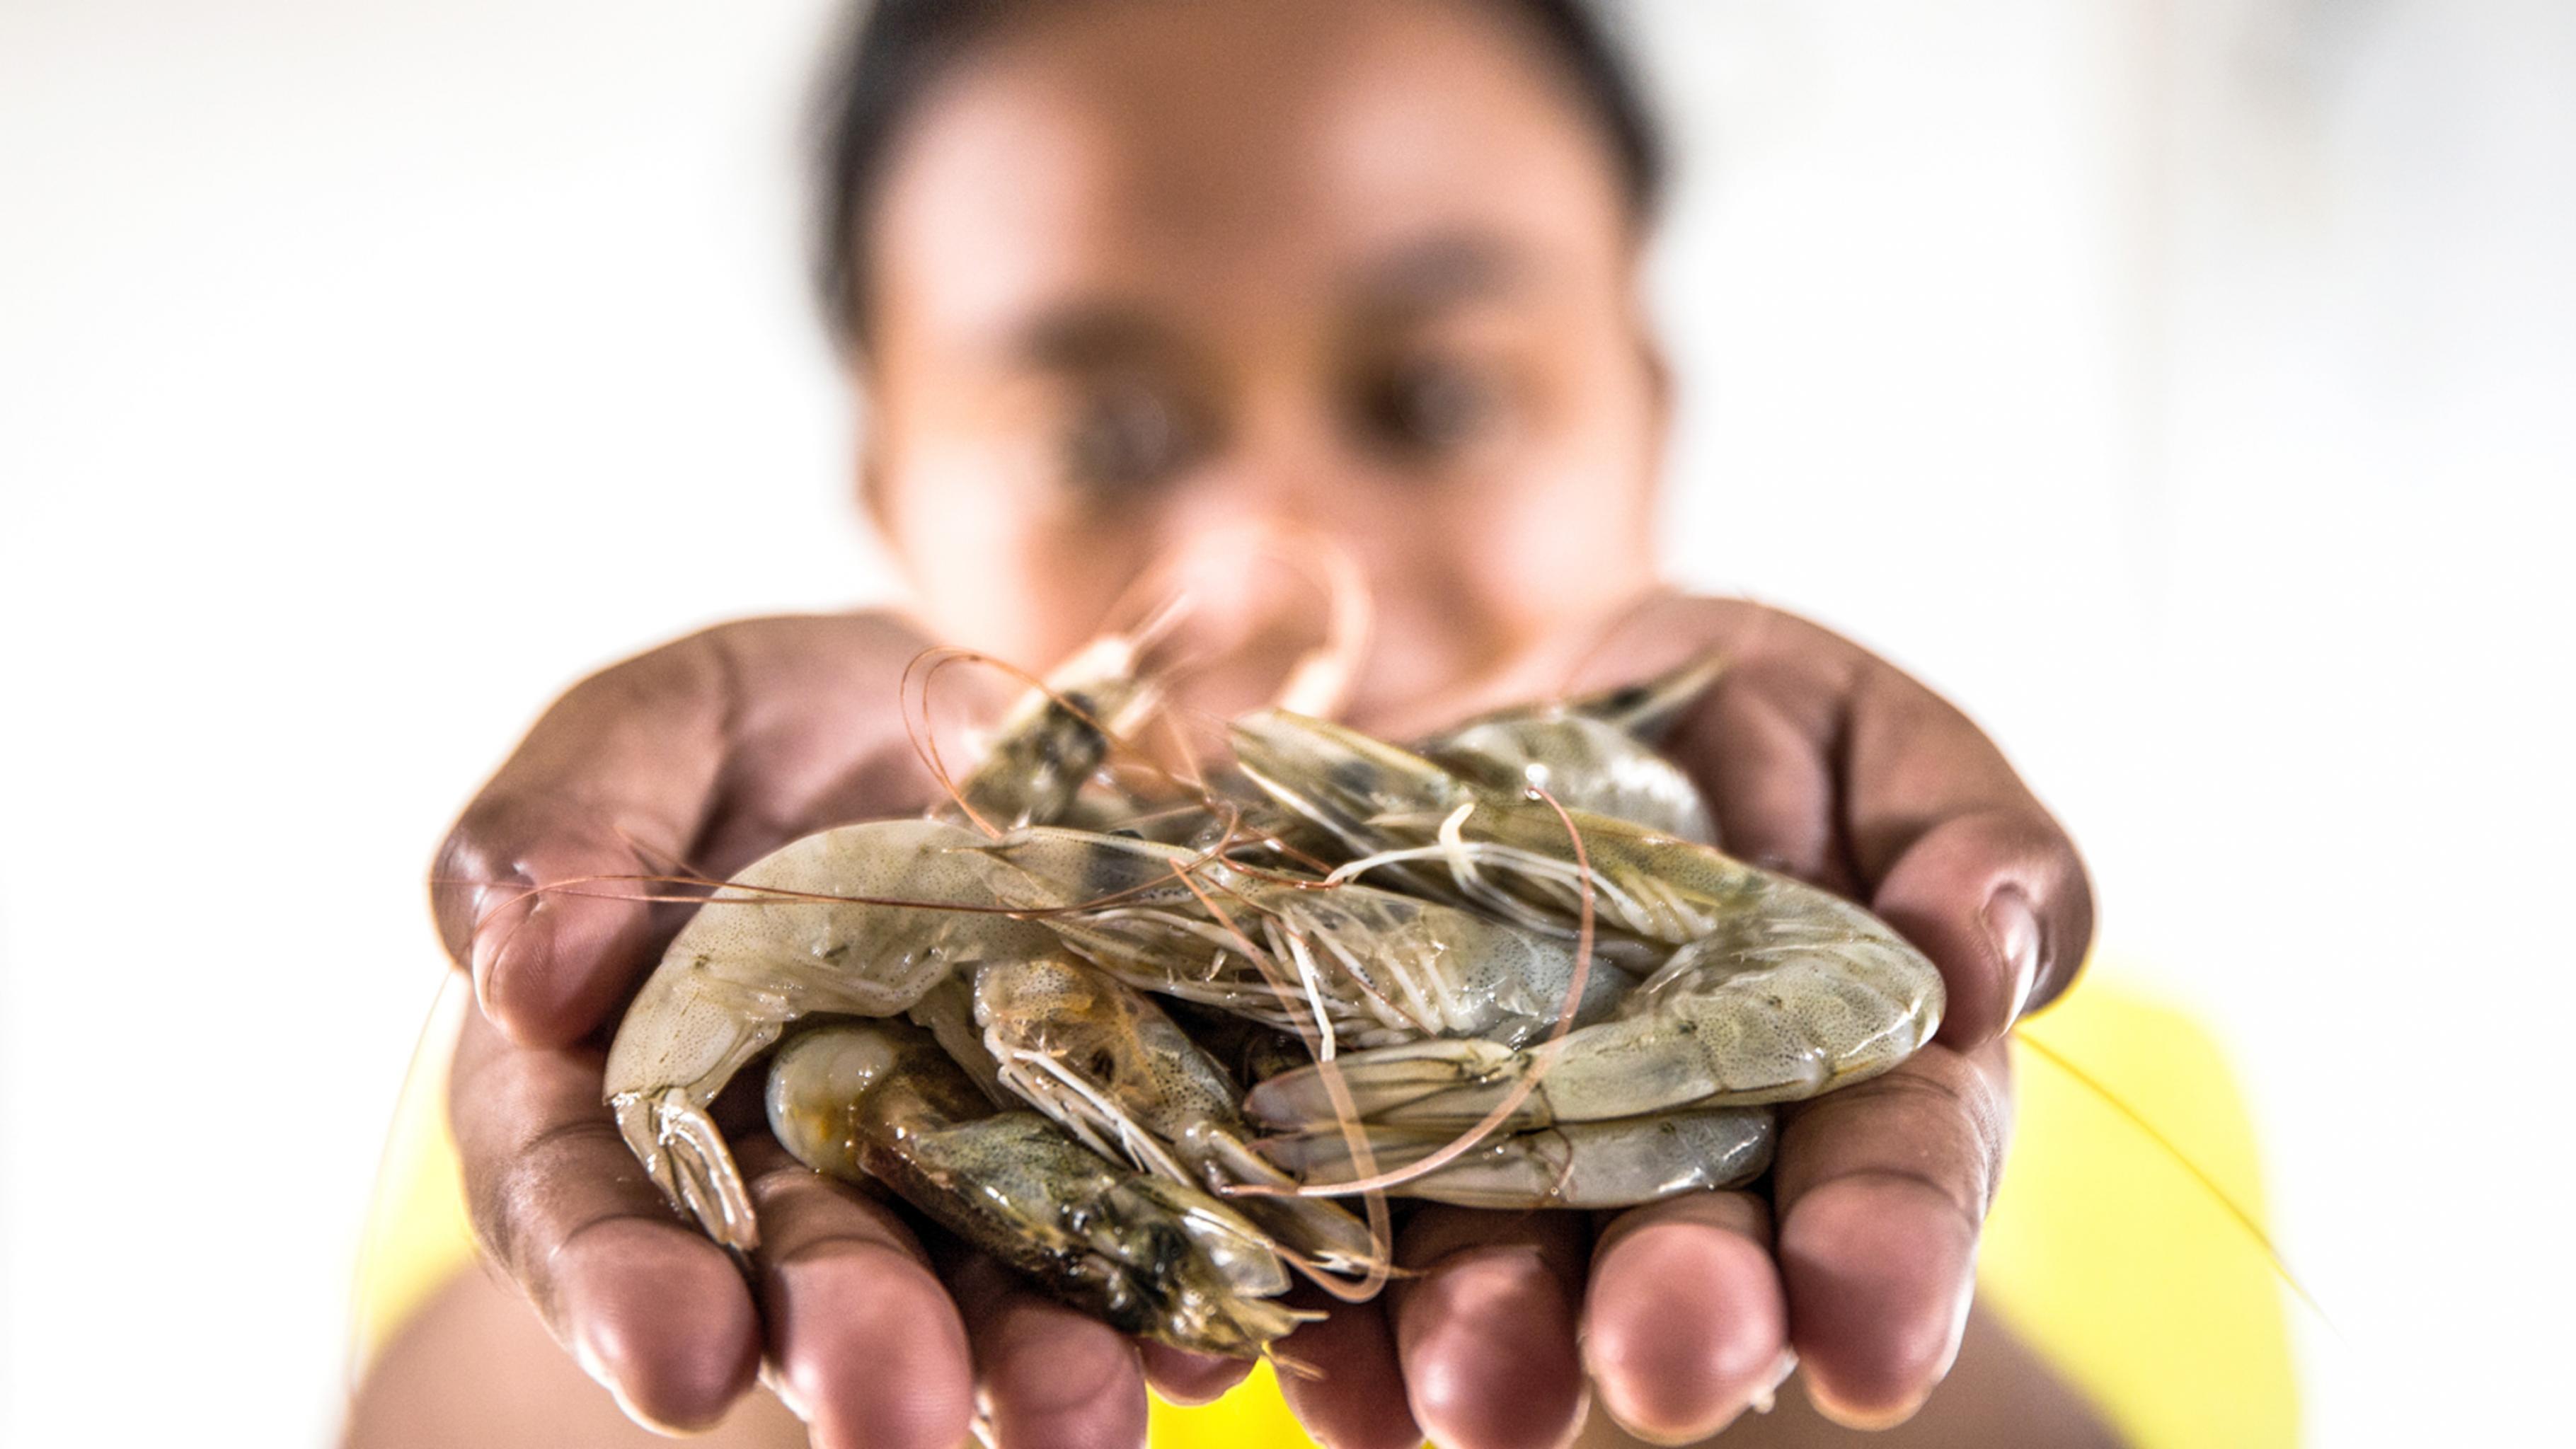 Supermärkte importieren Garnelen von weit her. Die Menschen, die sie fischen, pulen und verpacken, werden oft ausgebeutet und Gefahren ausgesetzt.